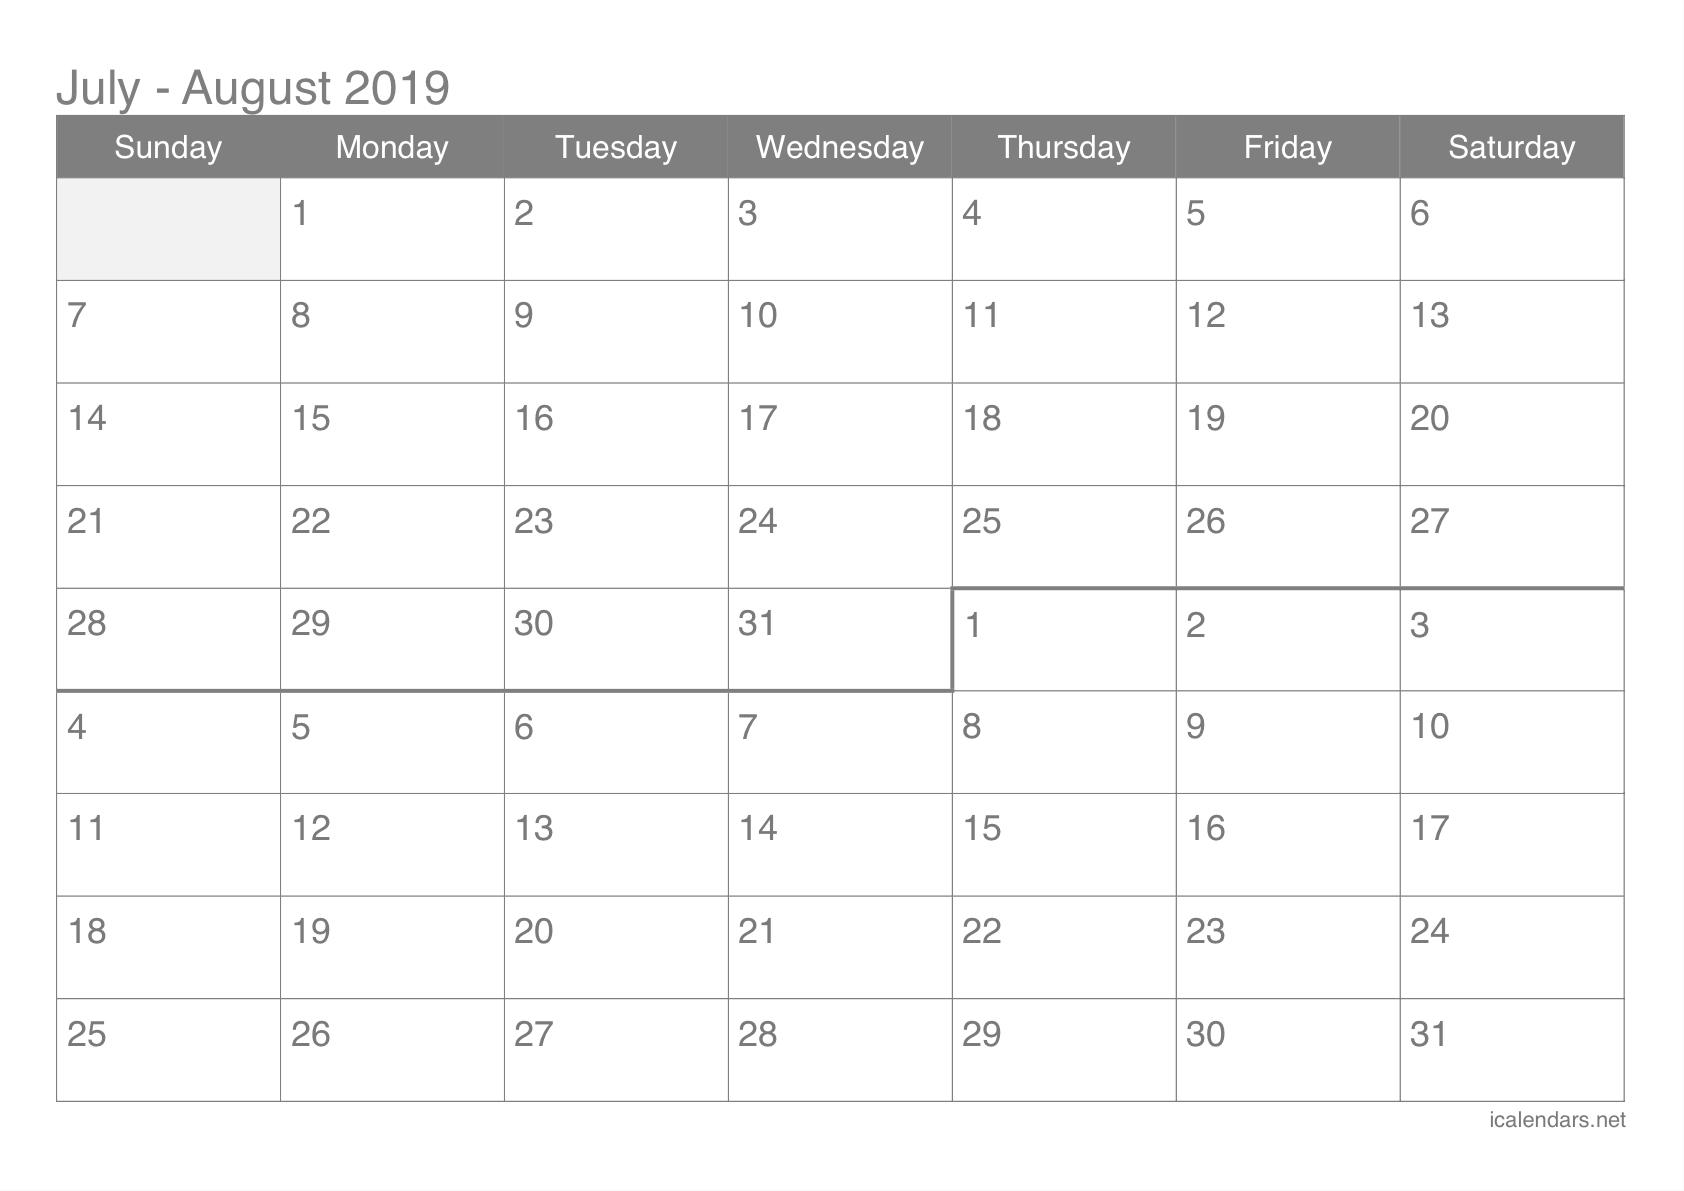 July August September 2019 Calendar | July Month Calendar 2019 Printable inside Printable July Augsut September Calendar Template